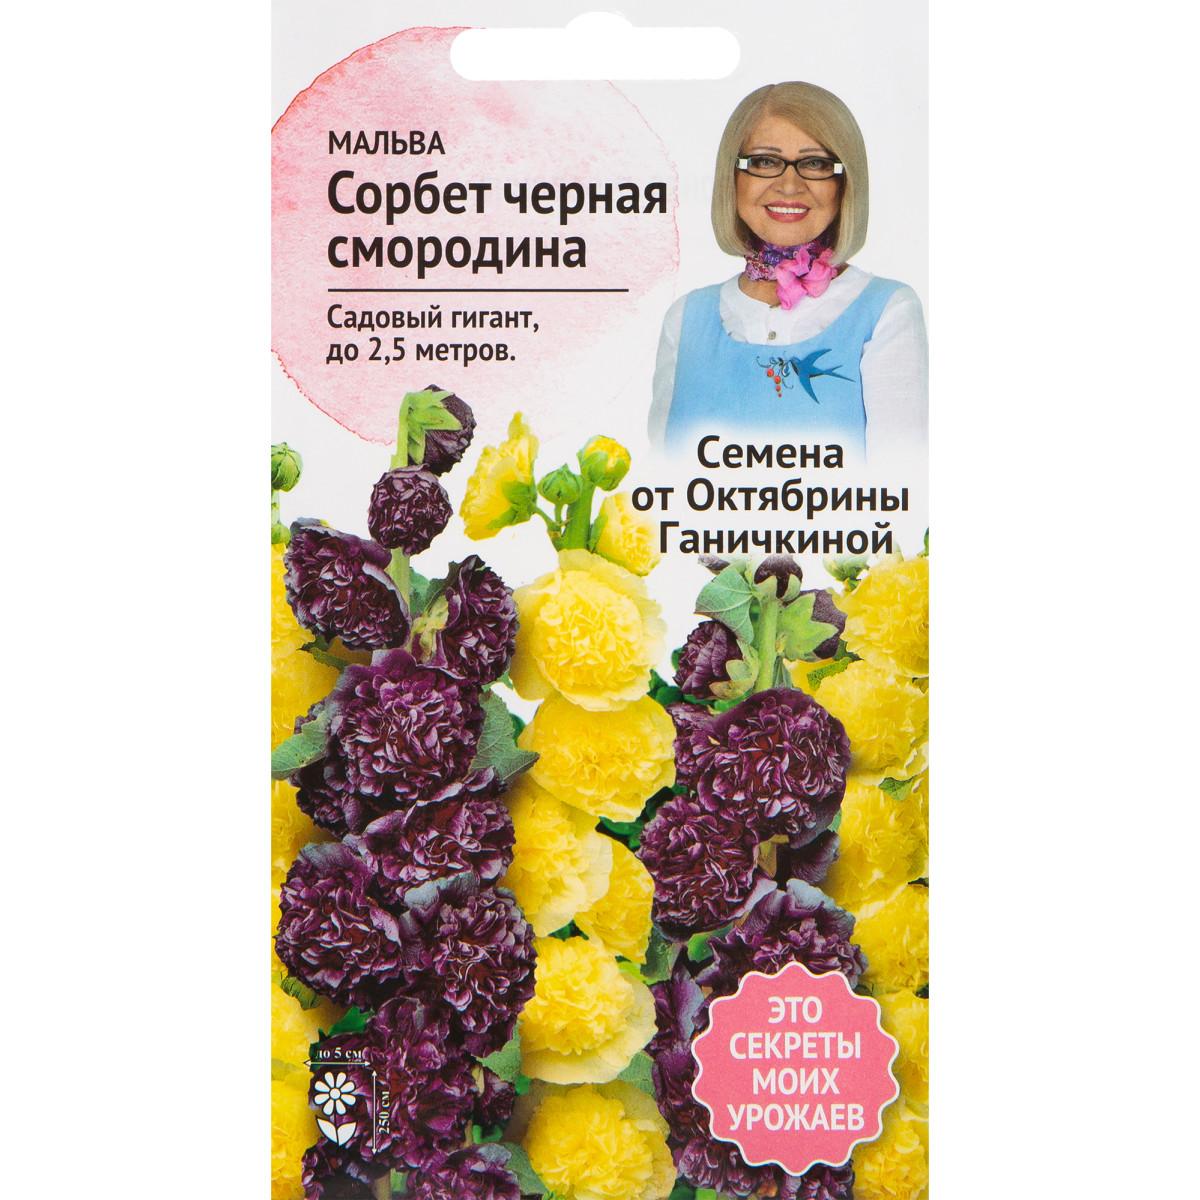 Мальва Сорбет Черная смородина 0.1 г